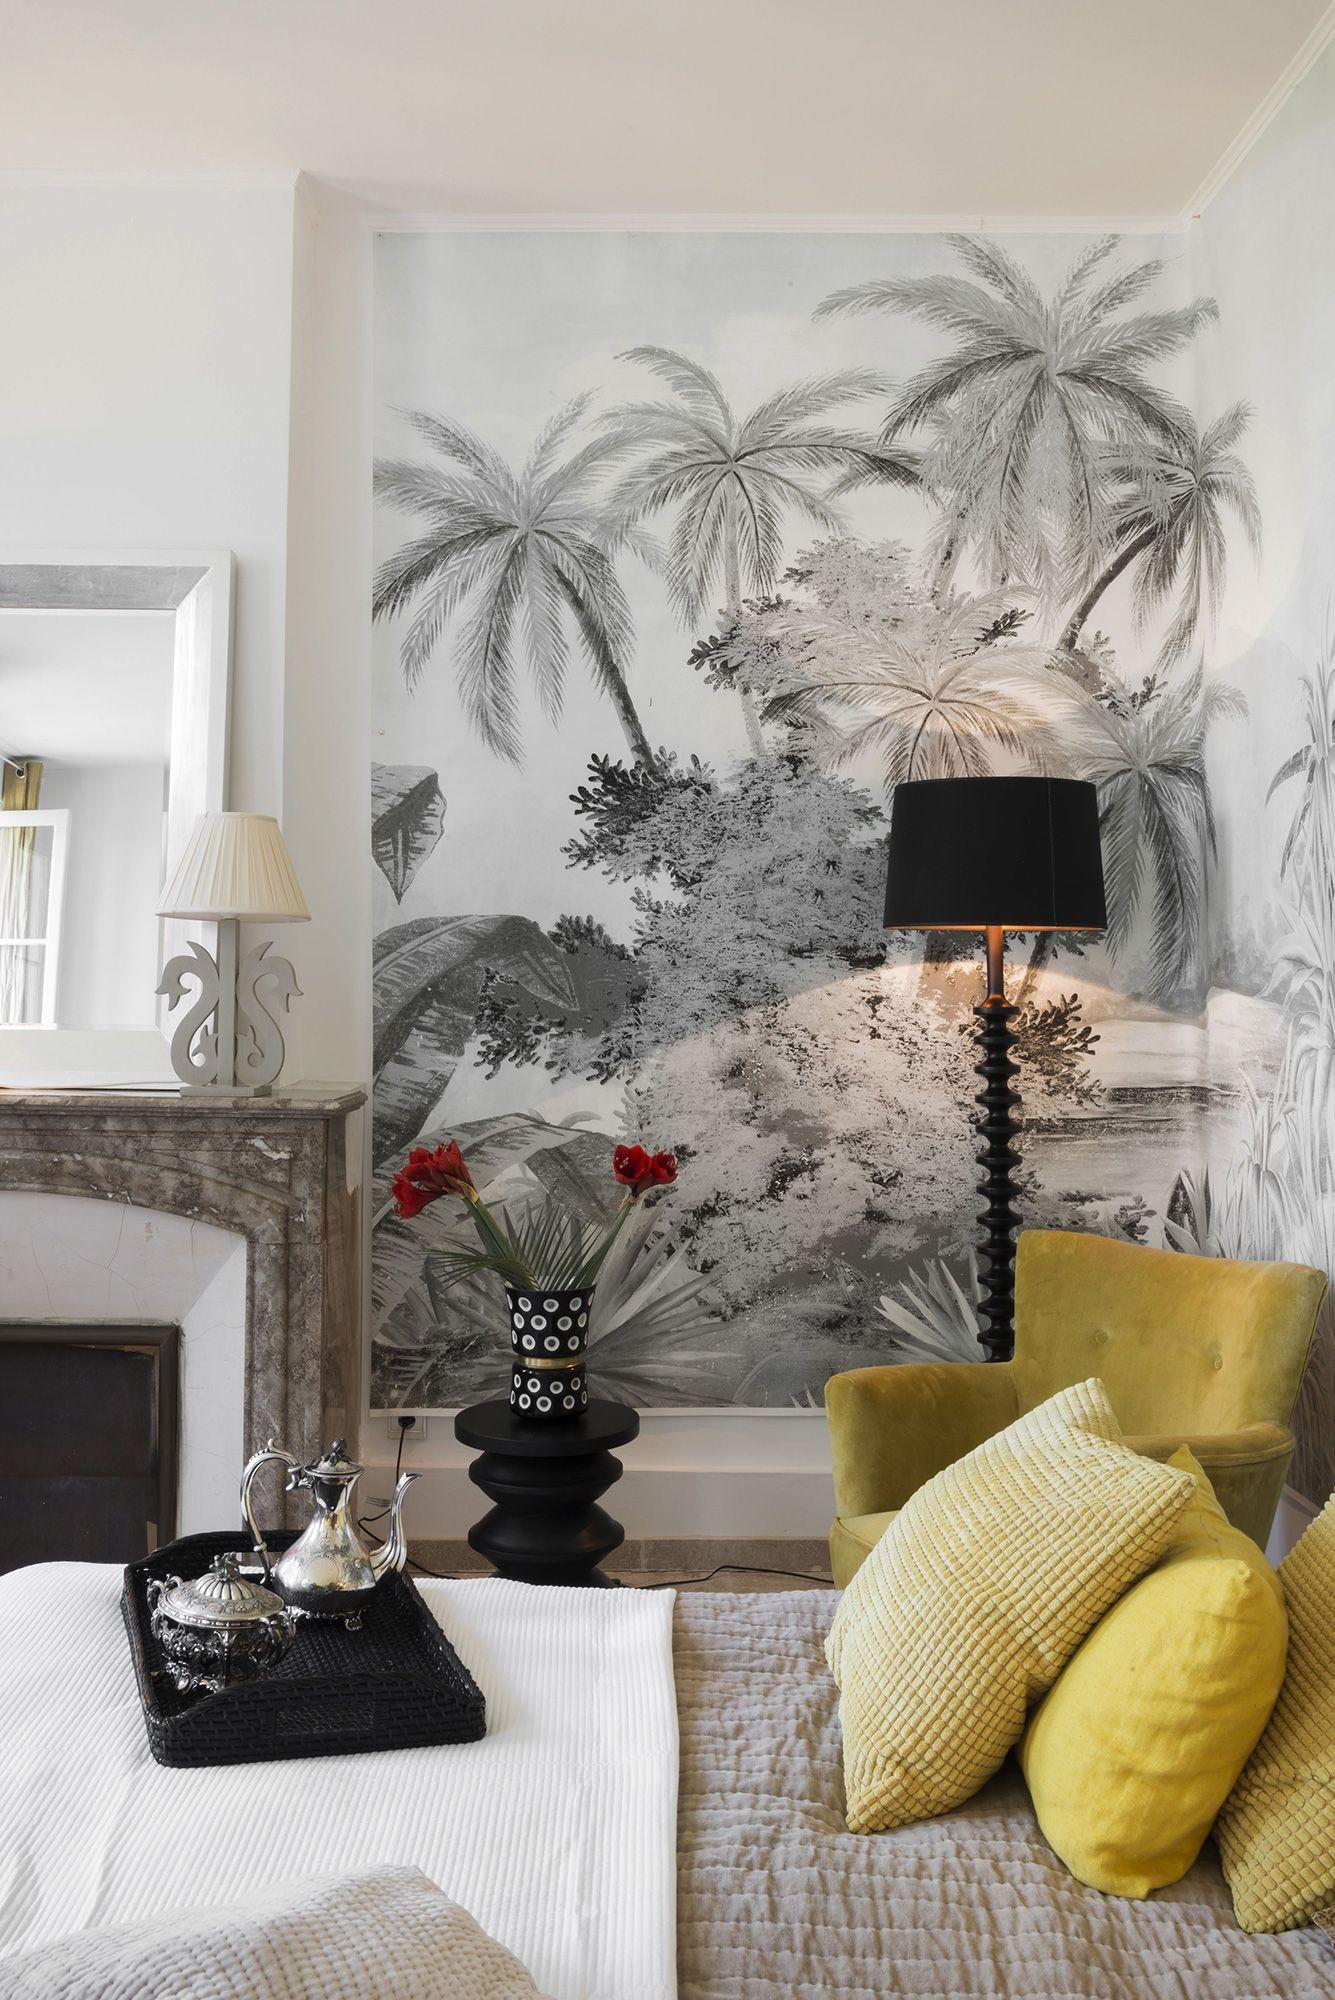 Epingle Par Frenchyfancy Decoration Hom Sur Chambres Cosy Avec